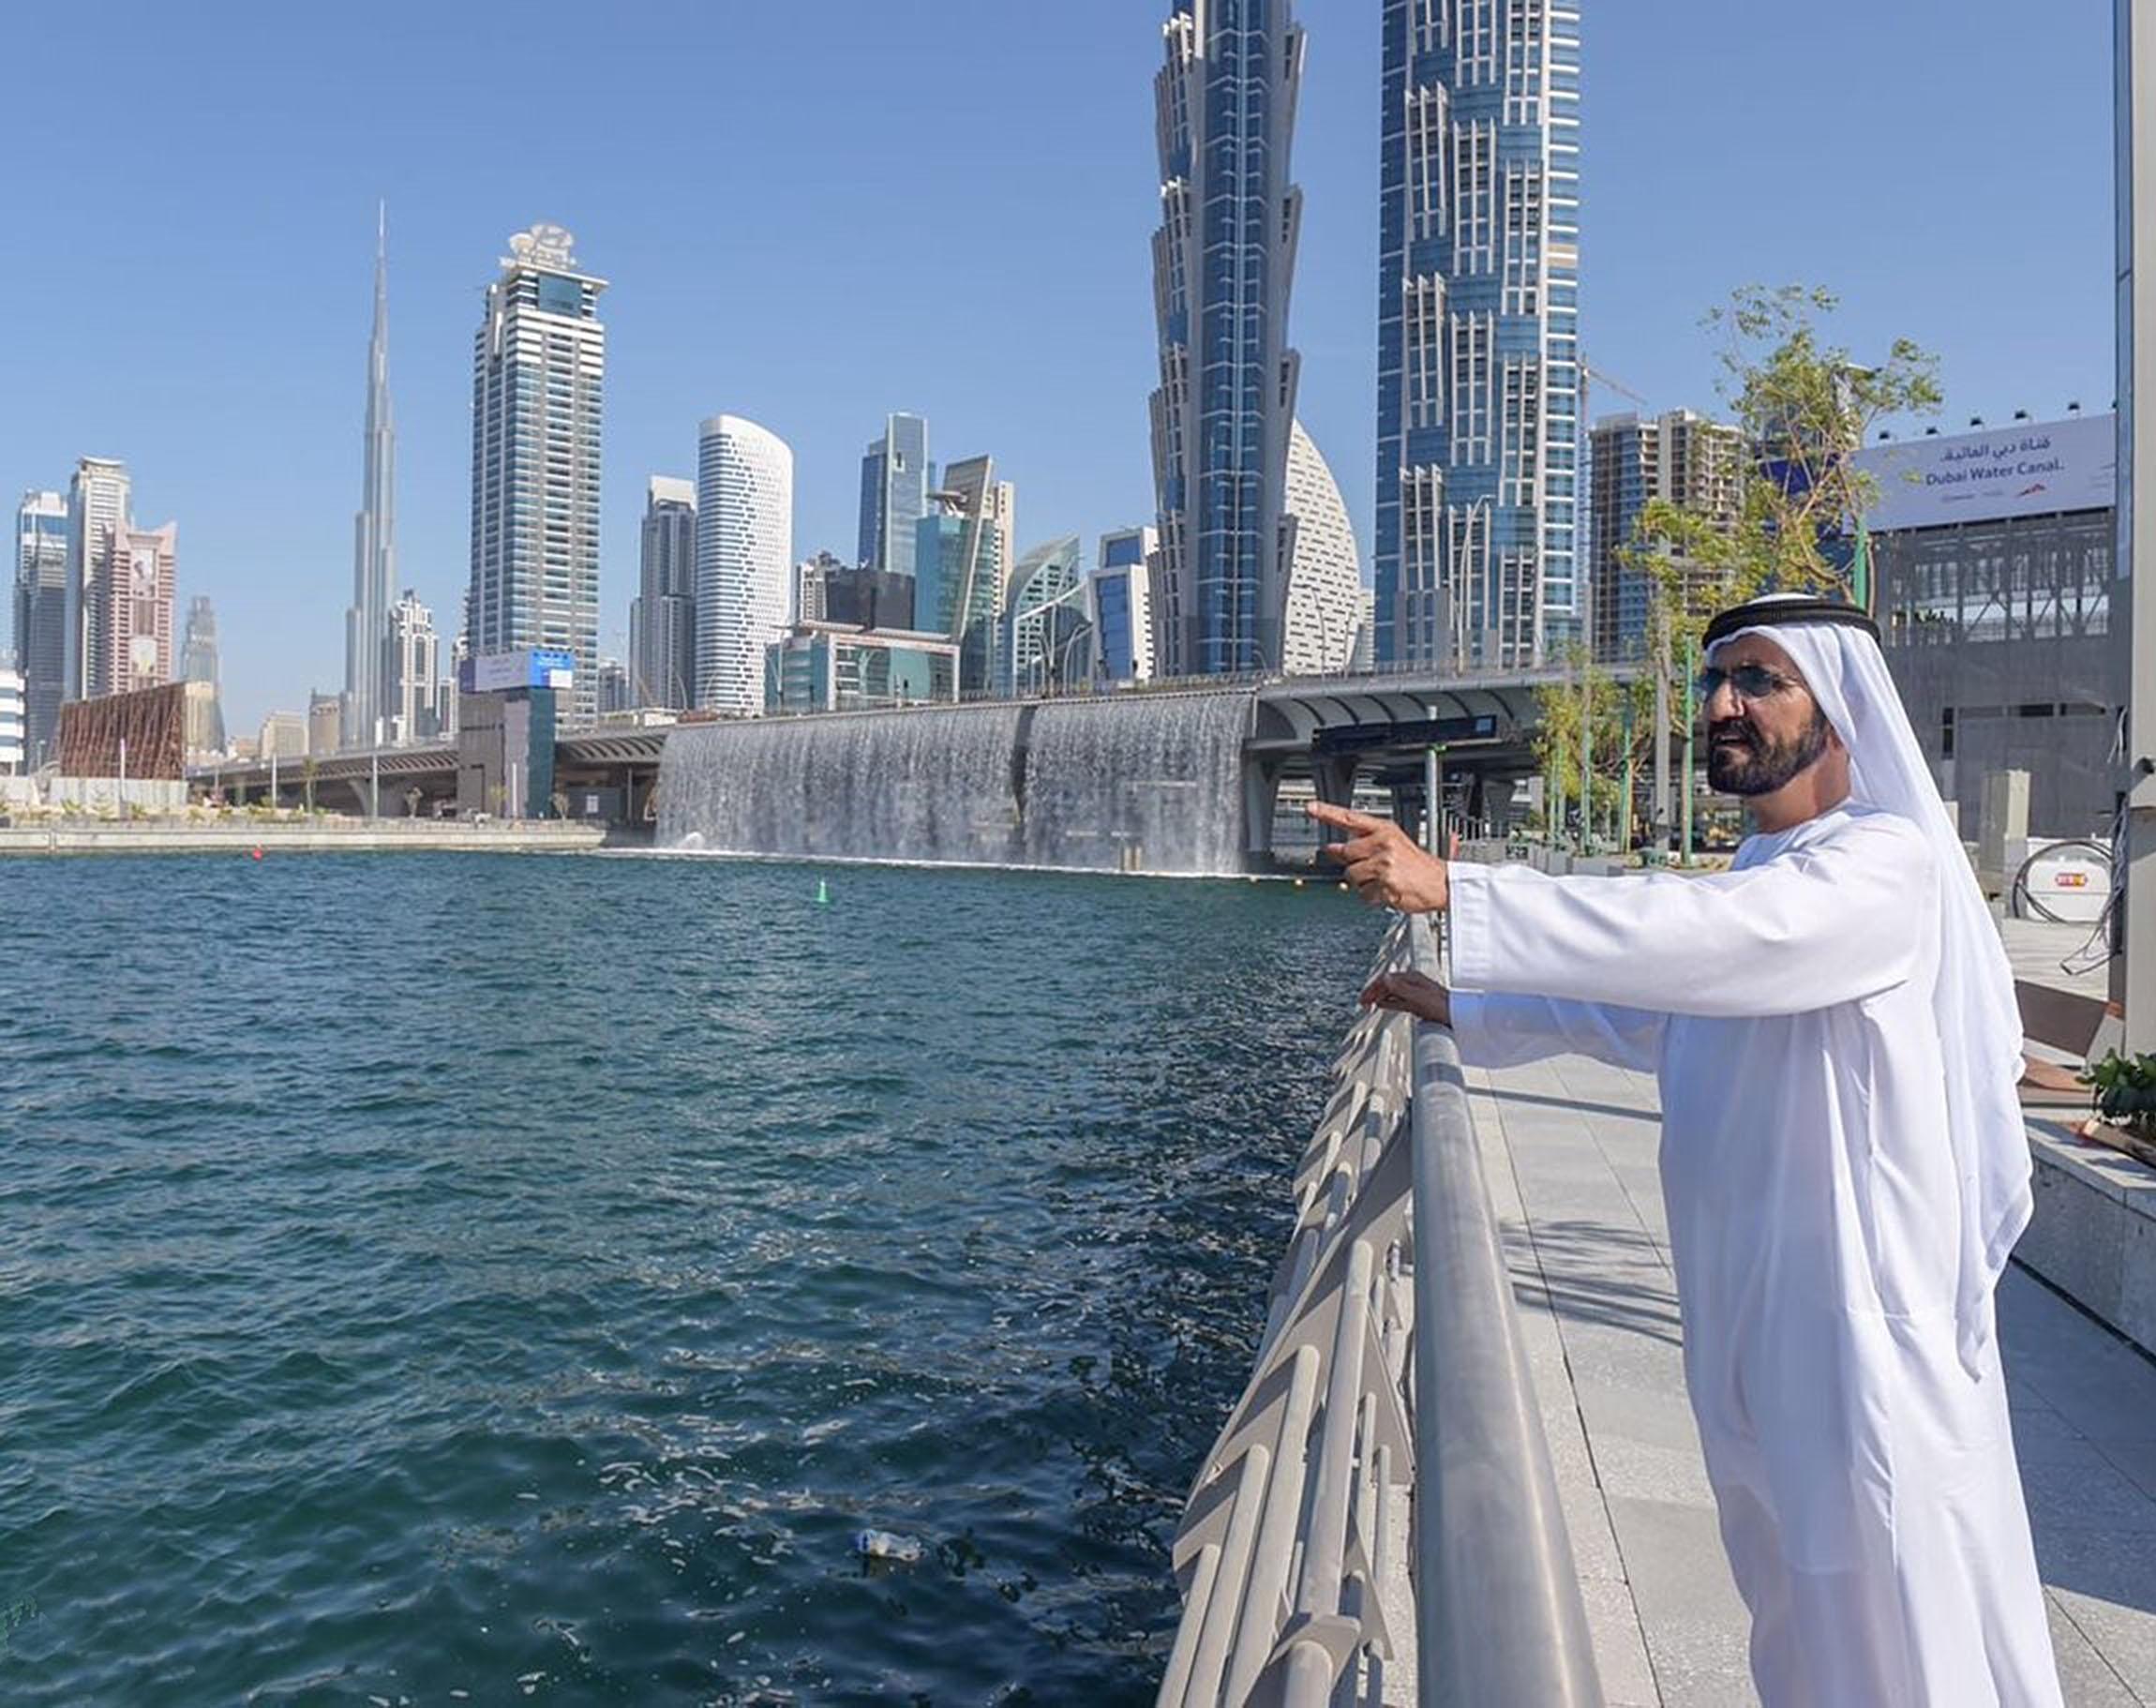 Shaikh Mohammad Issues 8 Principles Of Governance For Dubai